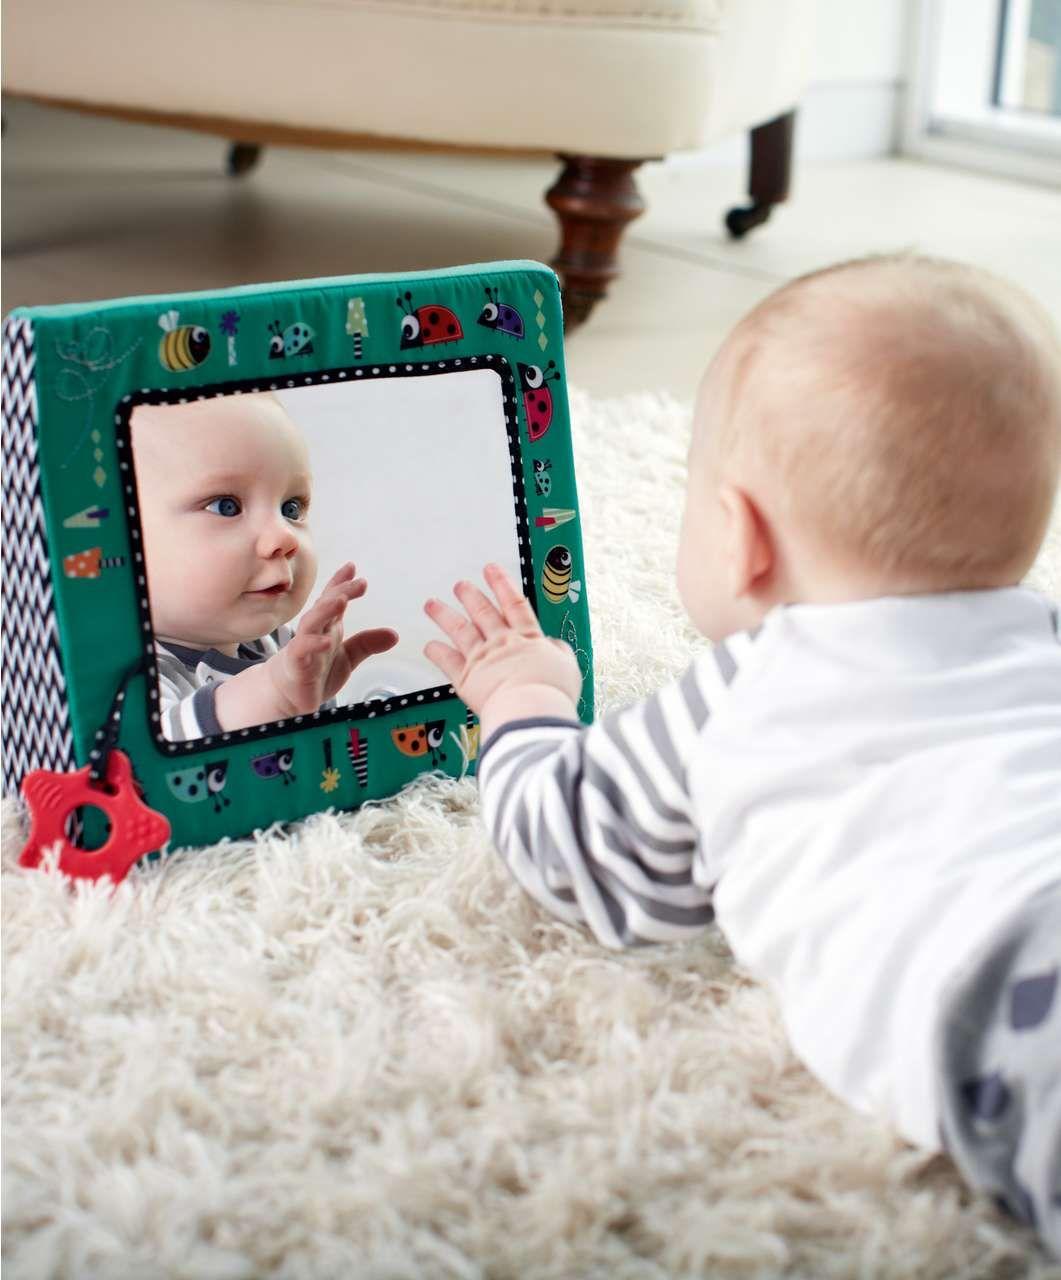 Espejo m gico de babyplay juguetes regalos toys juguetes y regalos - Espejo magico juguete ...